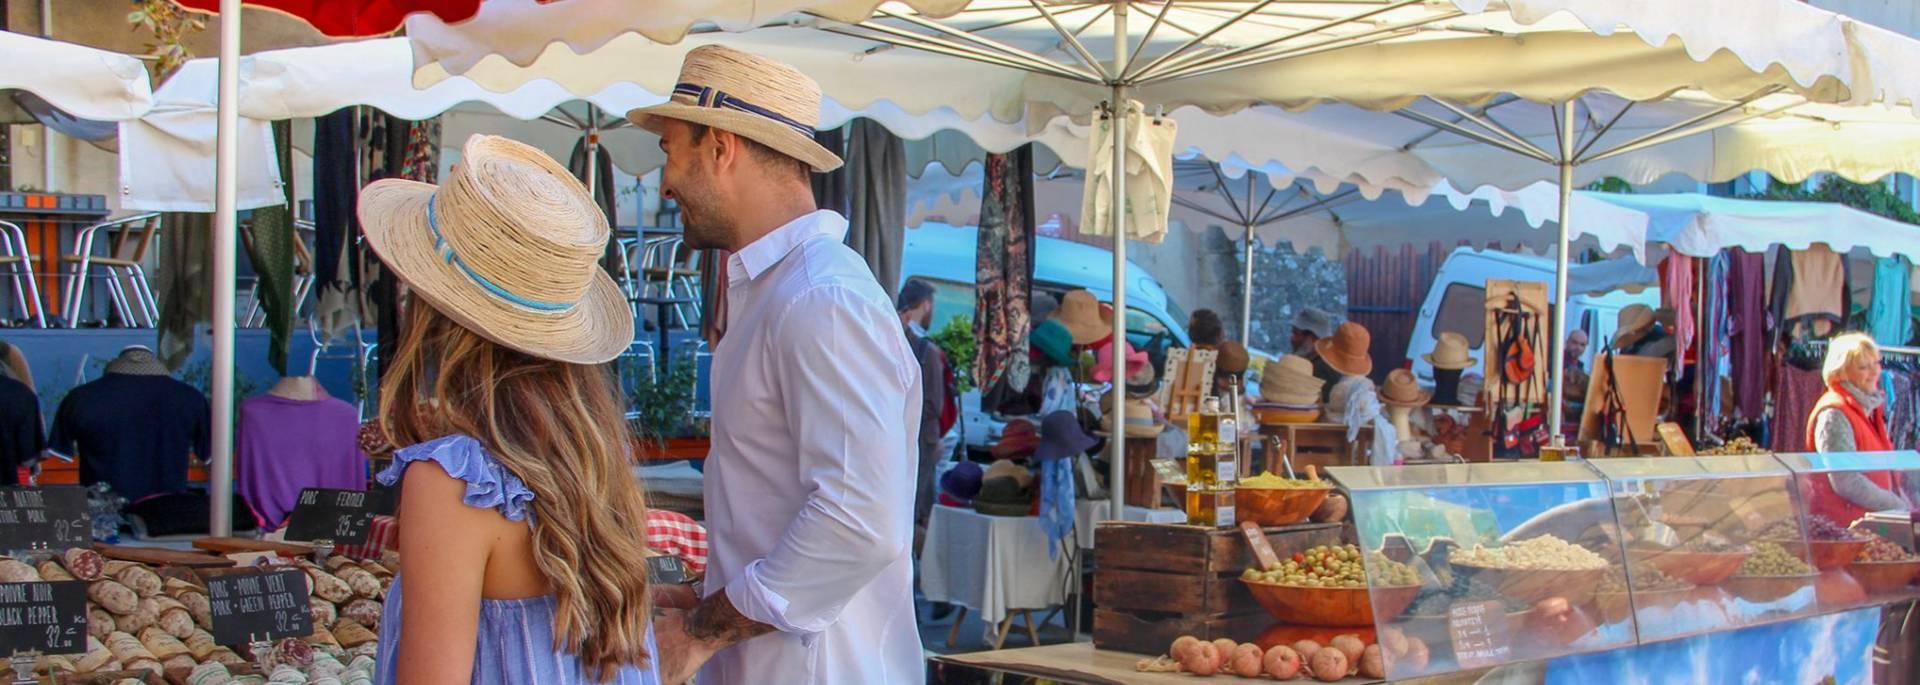 Marché de Bonnieux dans le Luberon | Étal | Couple | Gastronomie